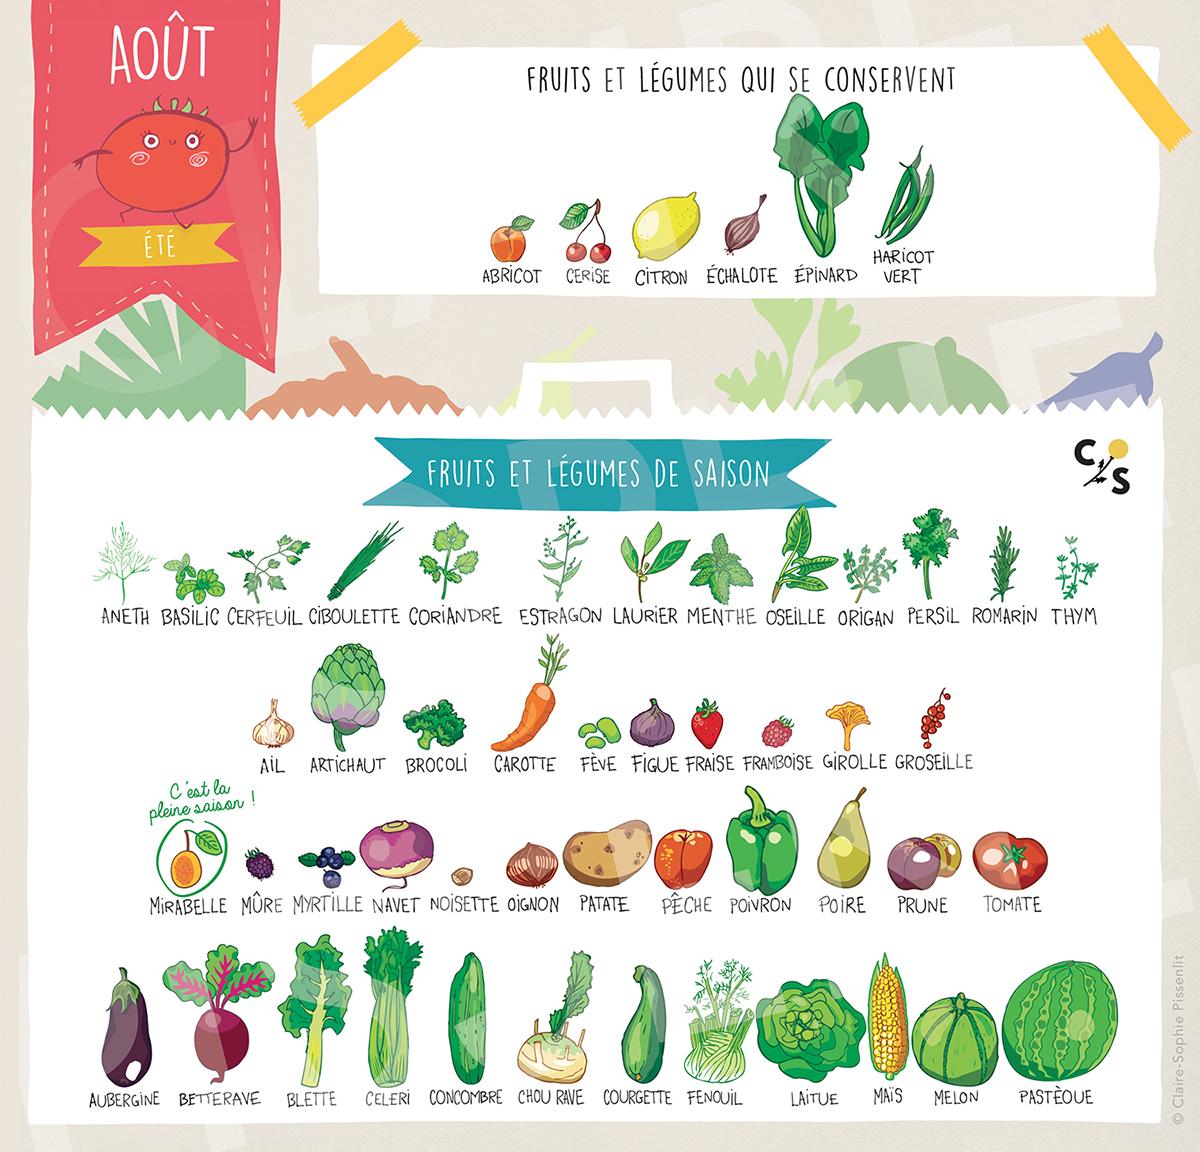 b584fbc8df2 Cette liste des fruits et légumes de saison en France est indicative